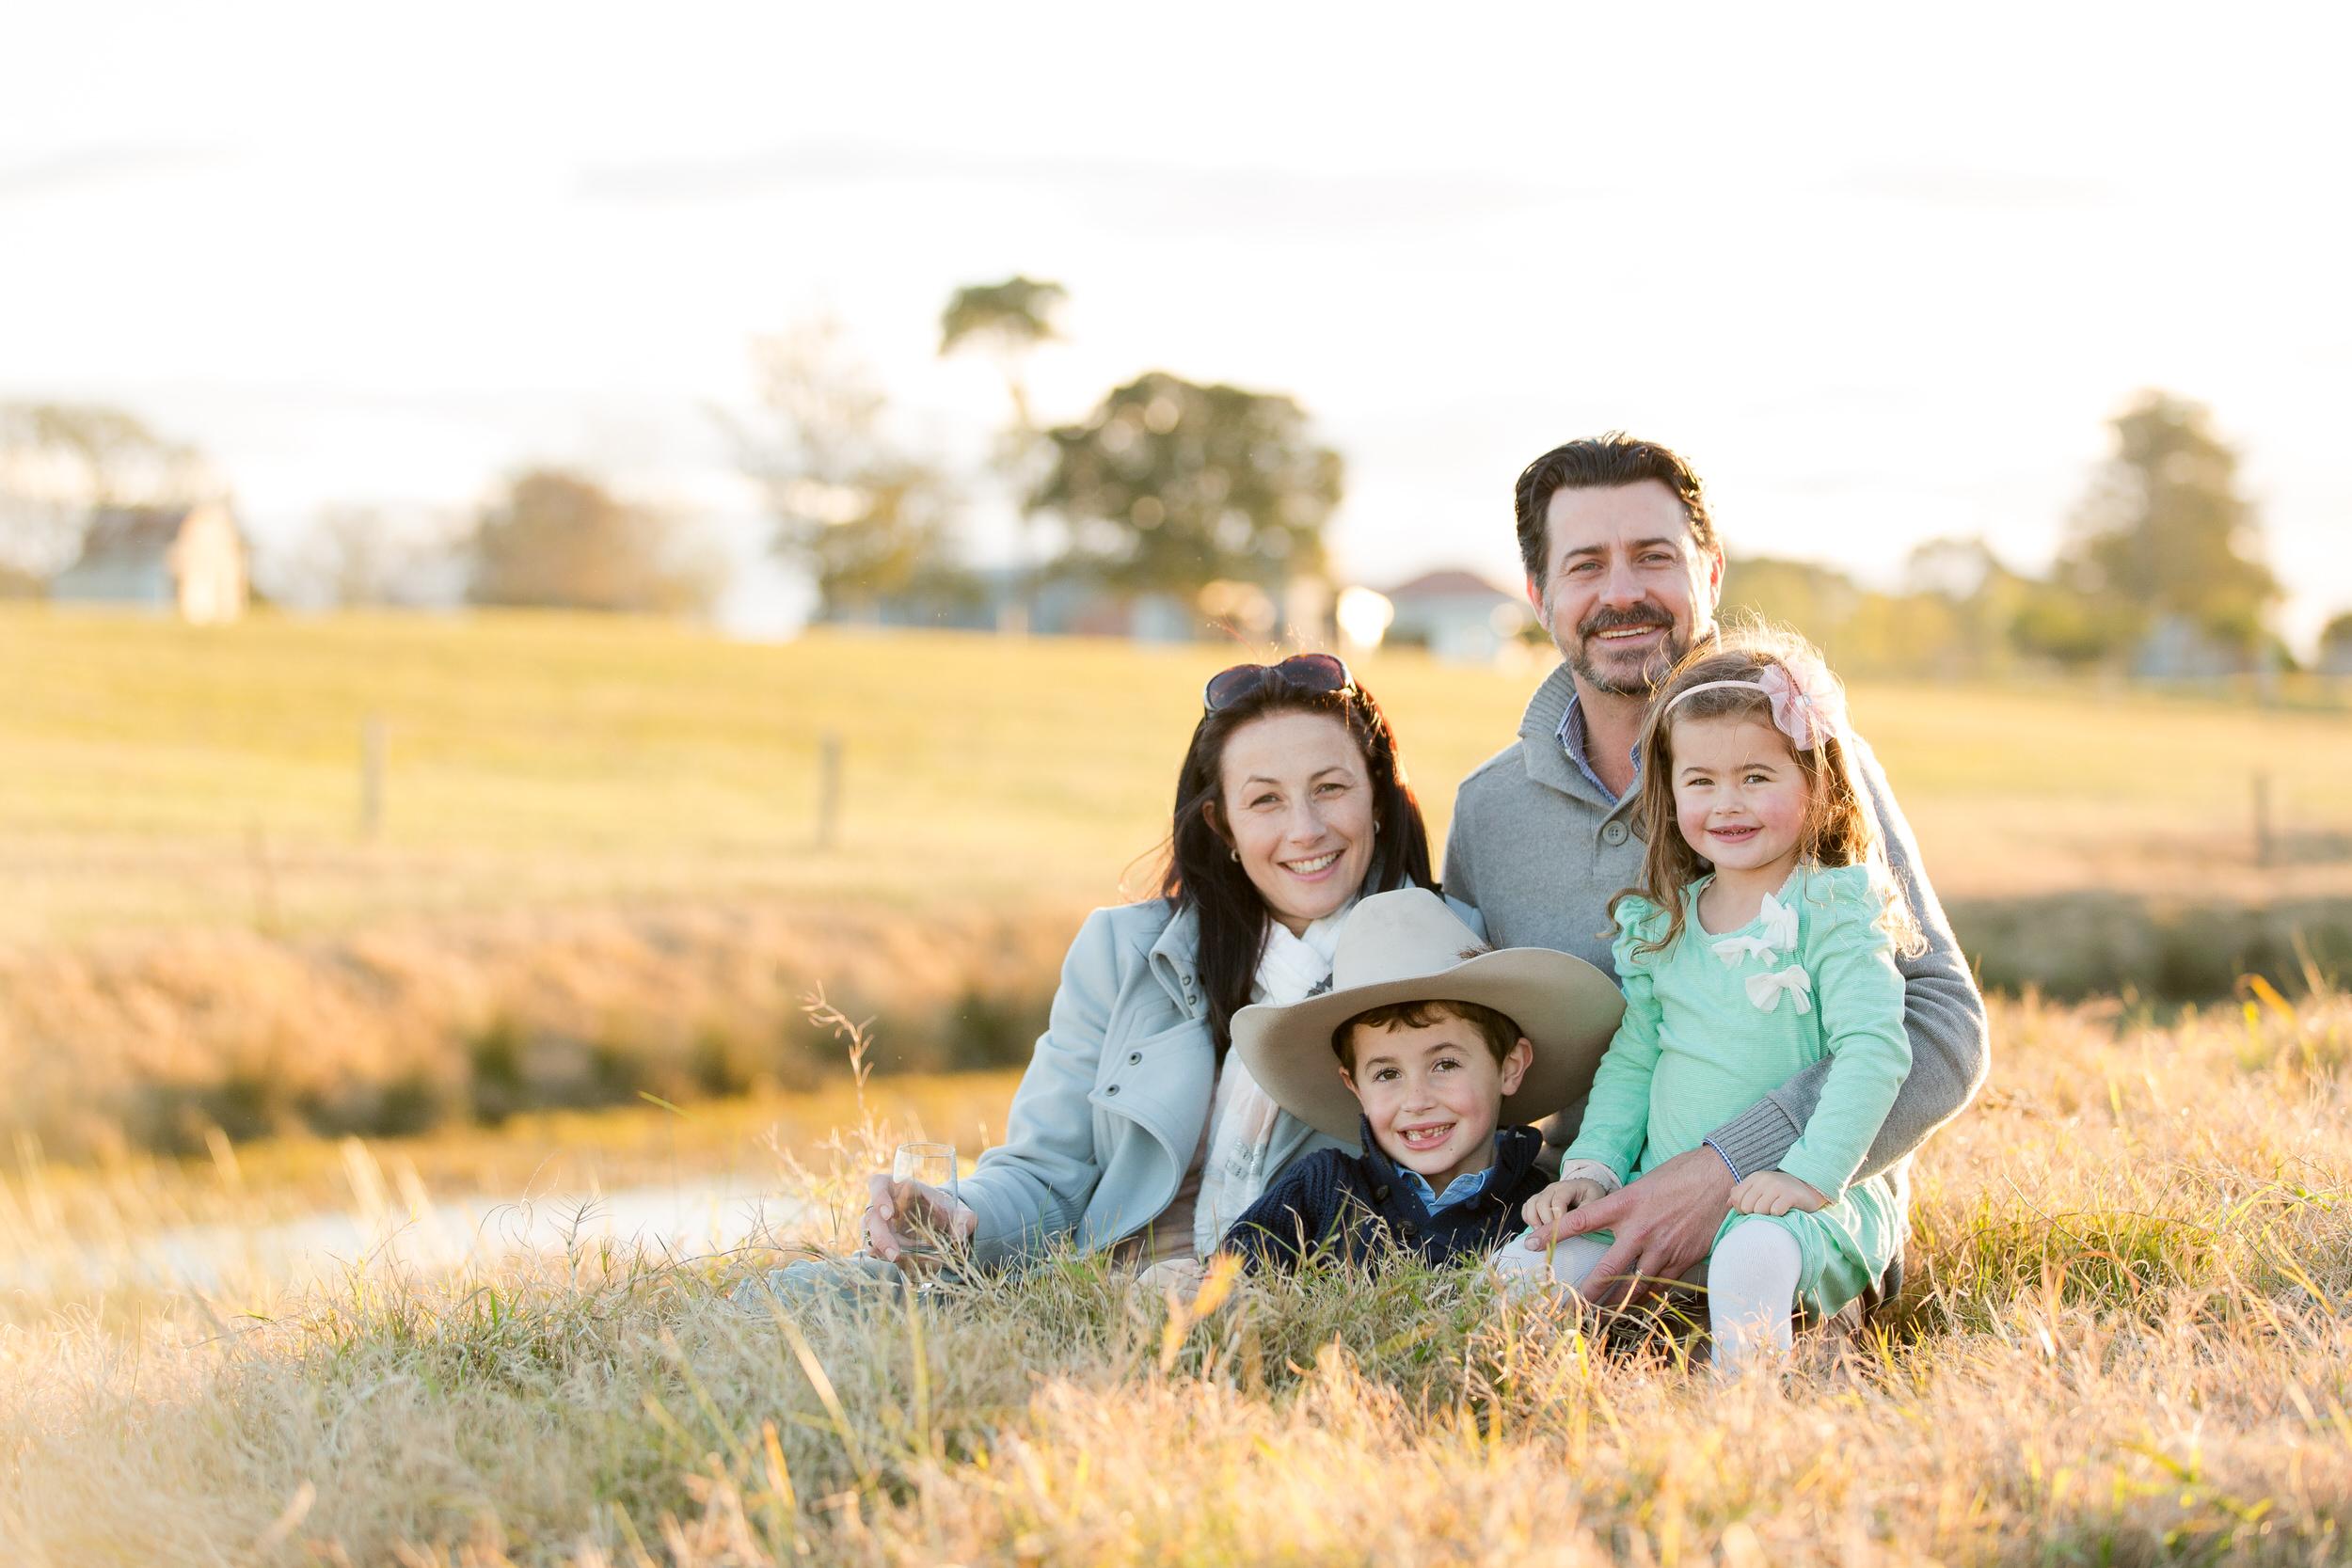 FamilyPhotos2017-128.jpg